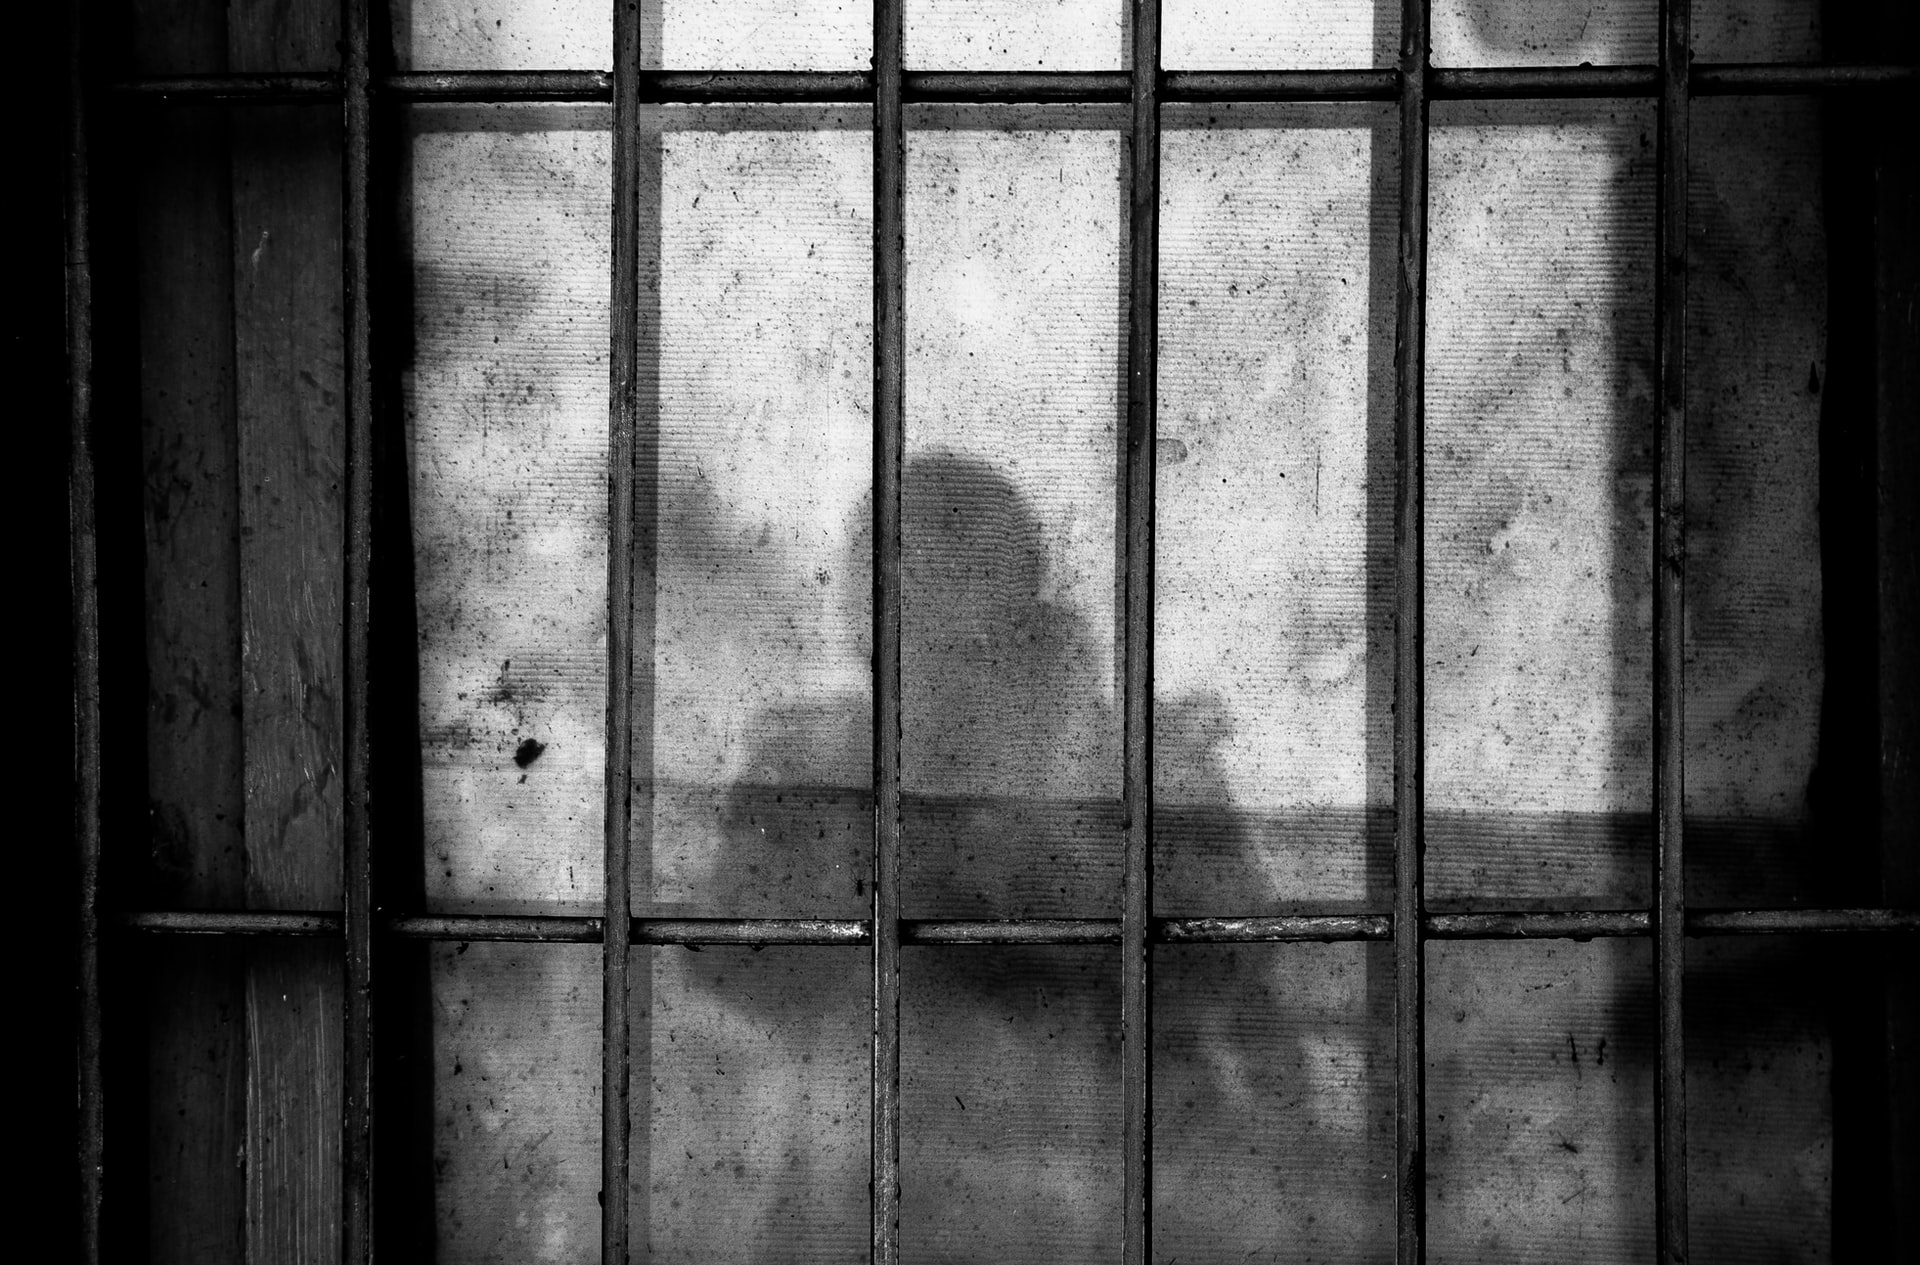 Wykonanie tymczasowego aresztowania